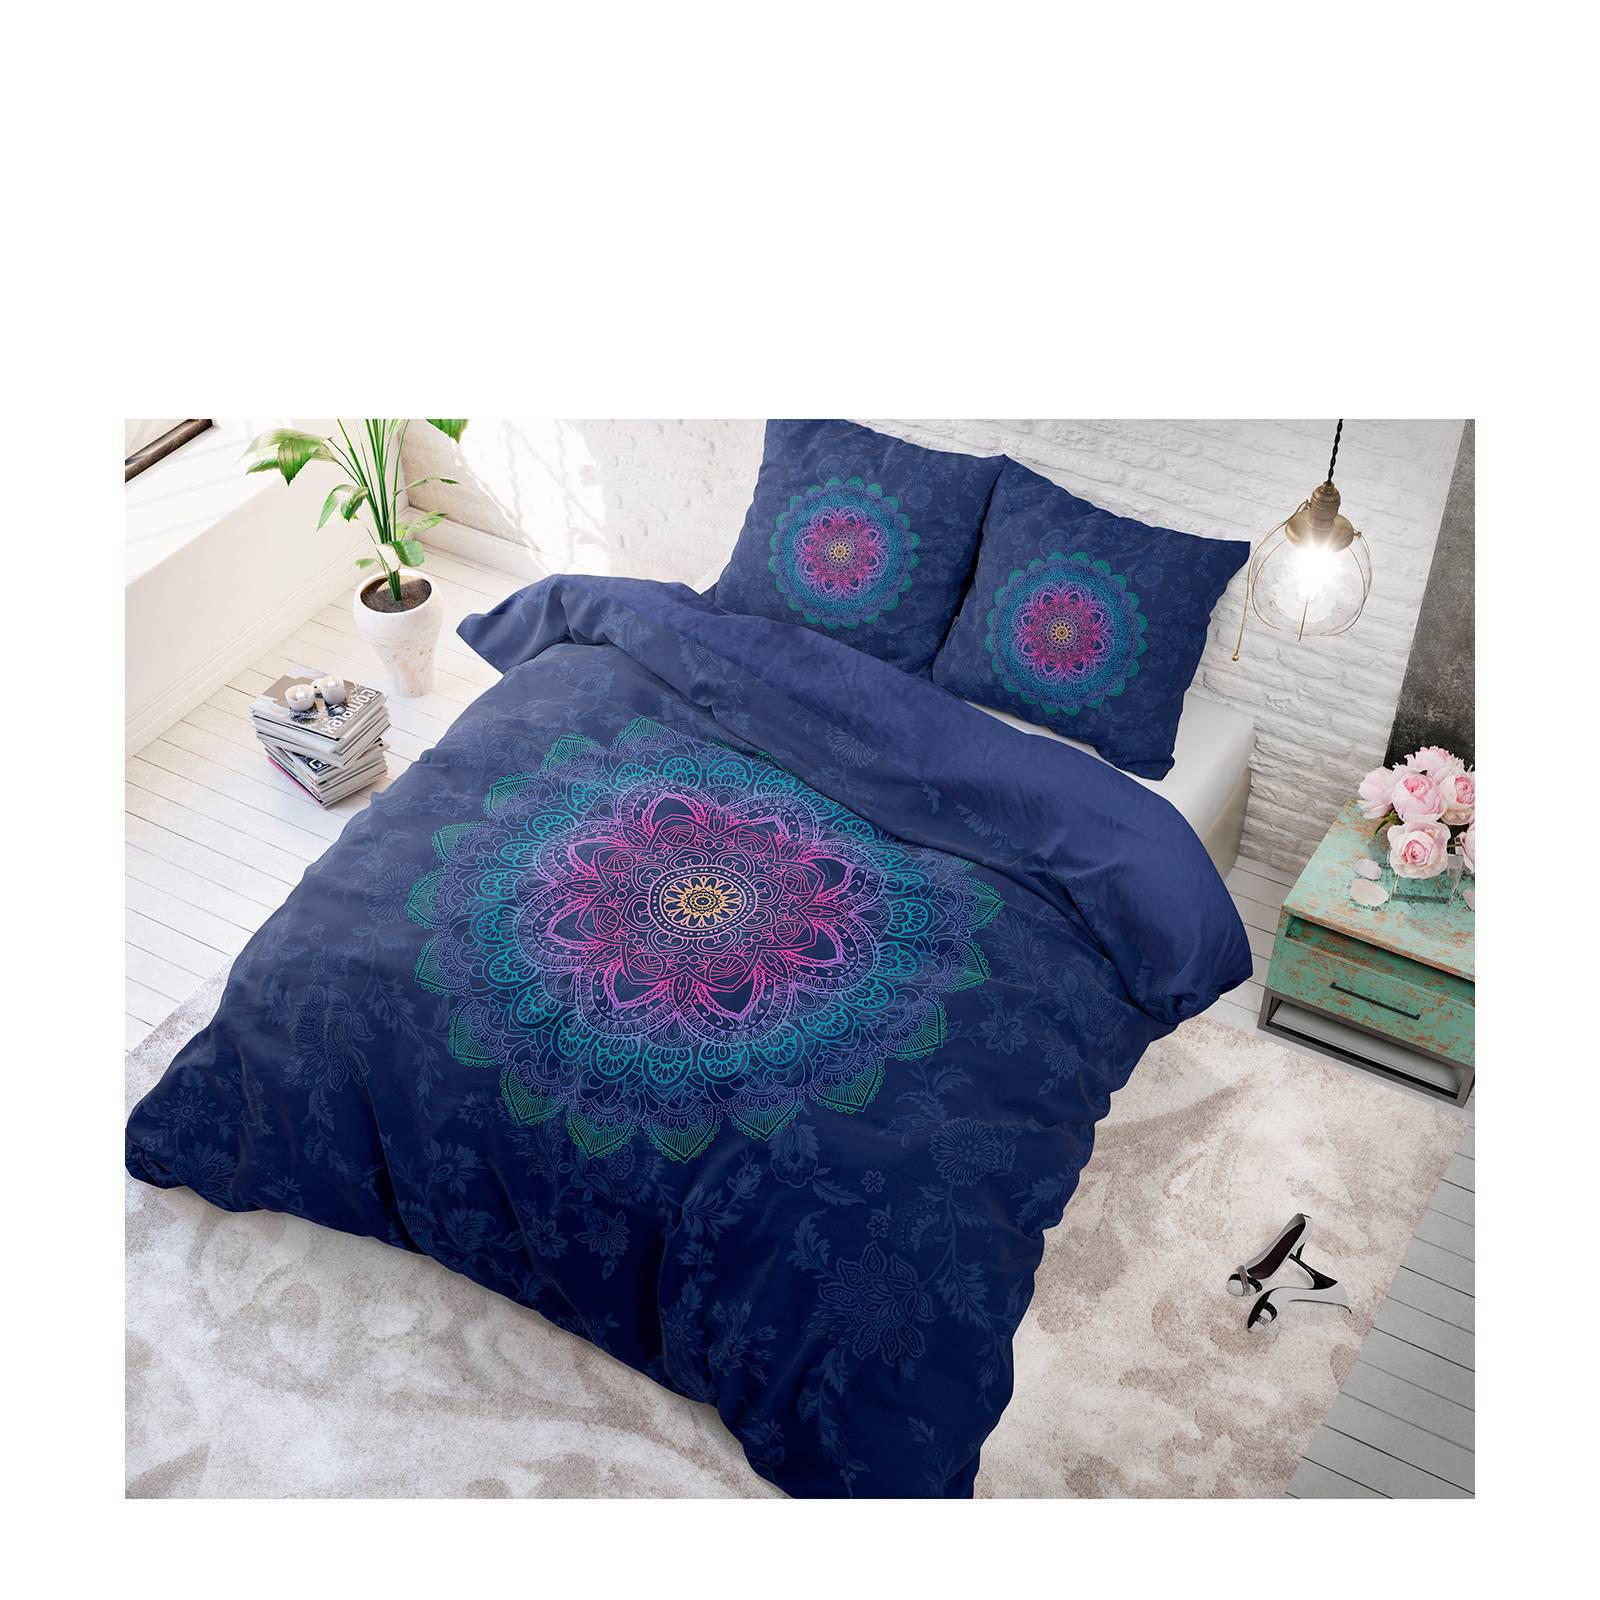 sleeptime katoenen dekbedovertrek 1 persoons donkerblauw